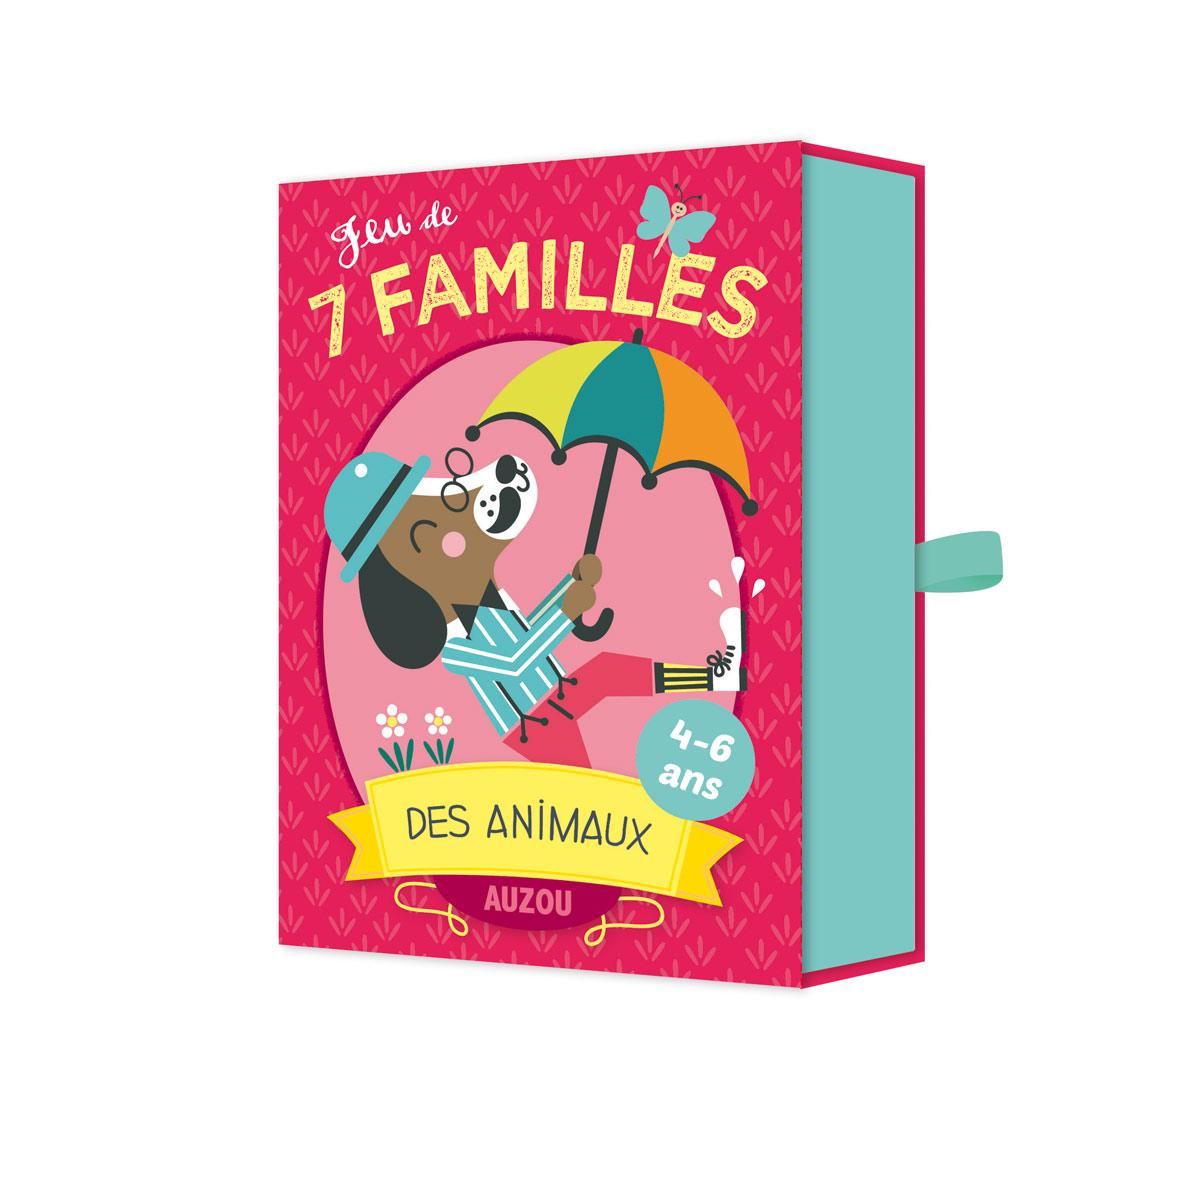 Jeu De 7 Familles Des Animaux pour Jeux Enfant 7 Ans